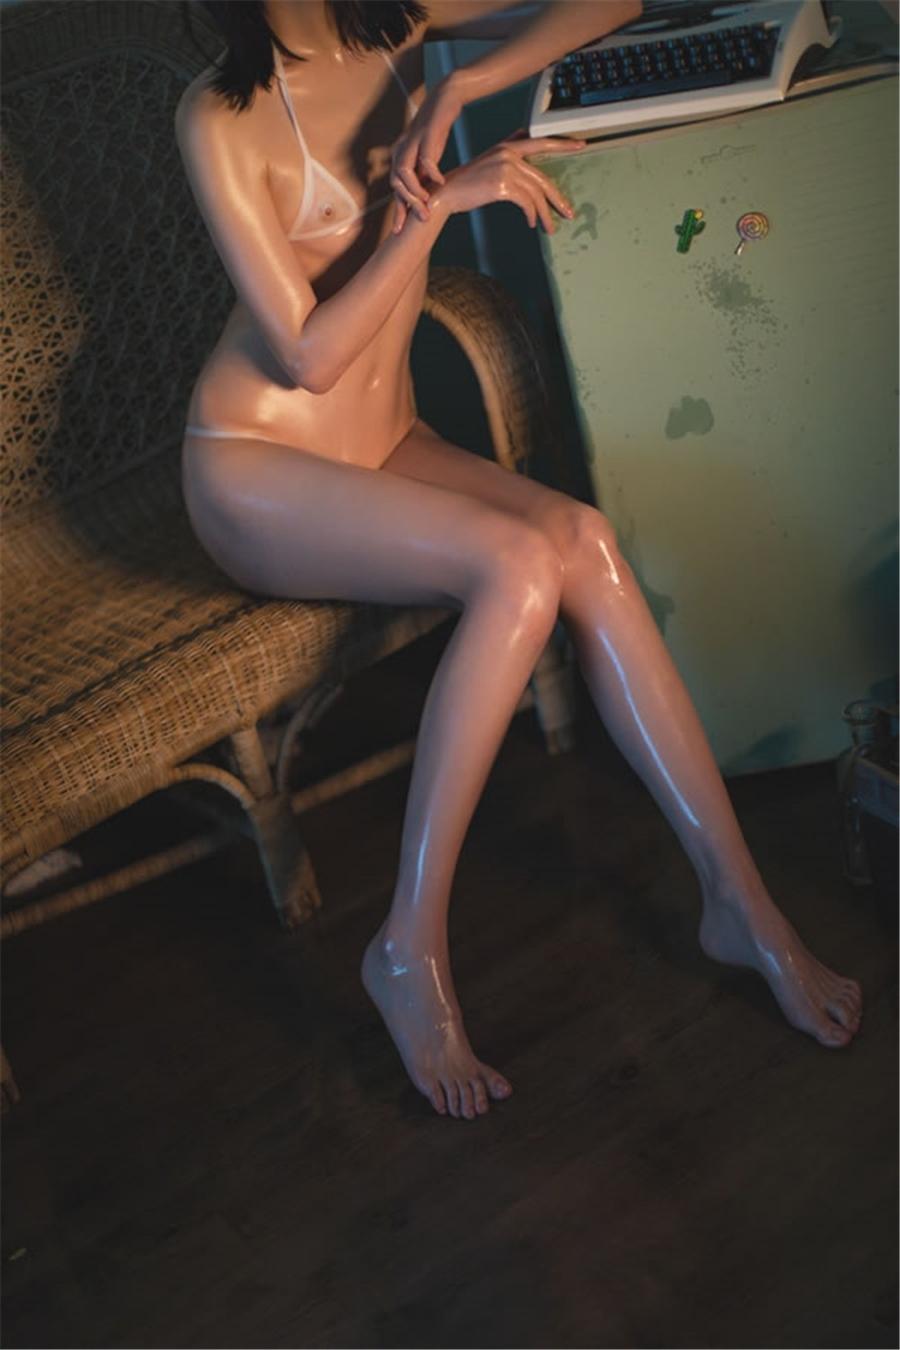 スケスケビキニ美女モデルのヌルヌルセクシー画像 3